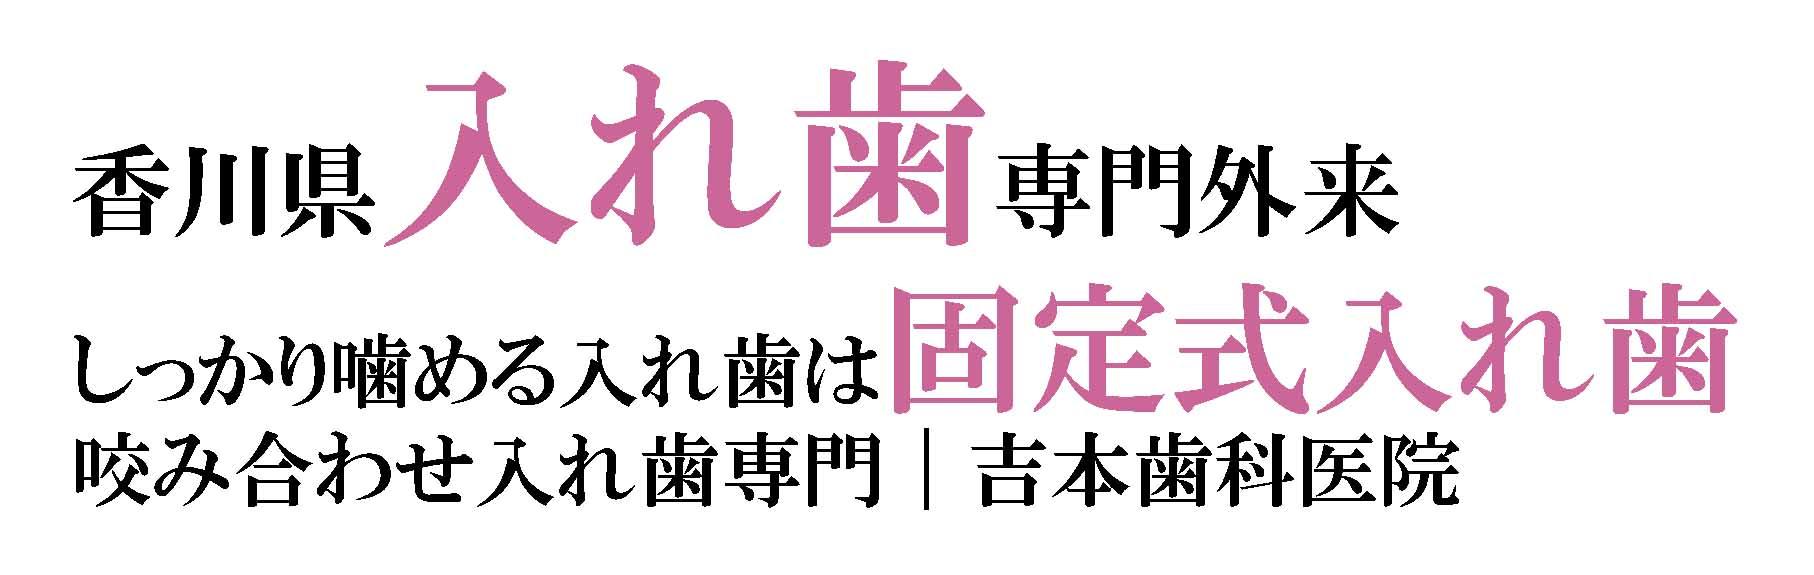 入れ歯治療なら香川県高松市の咬み合わせ専門歯科の吉本歯科医院|オーダーメイド義歯|固定式入れ歯オーバーデンチャー